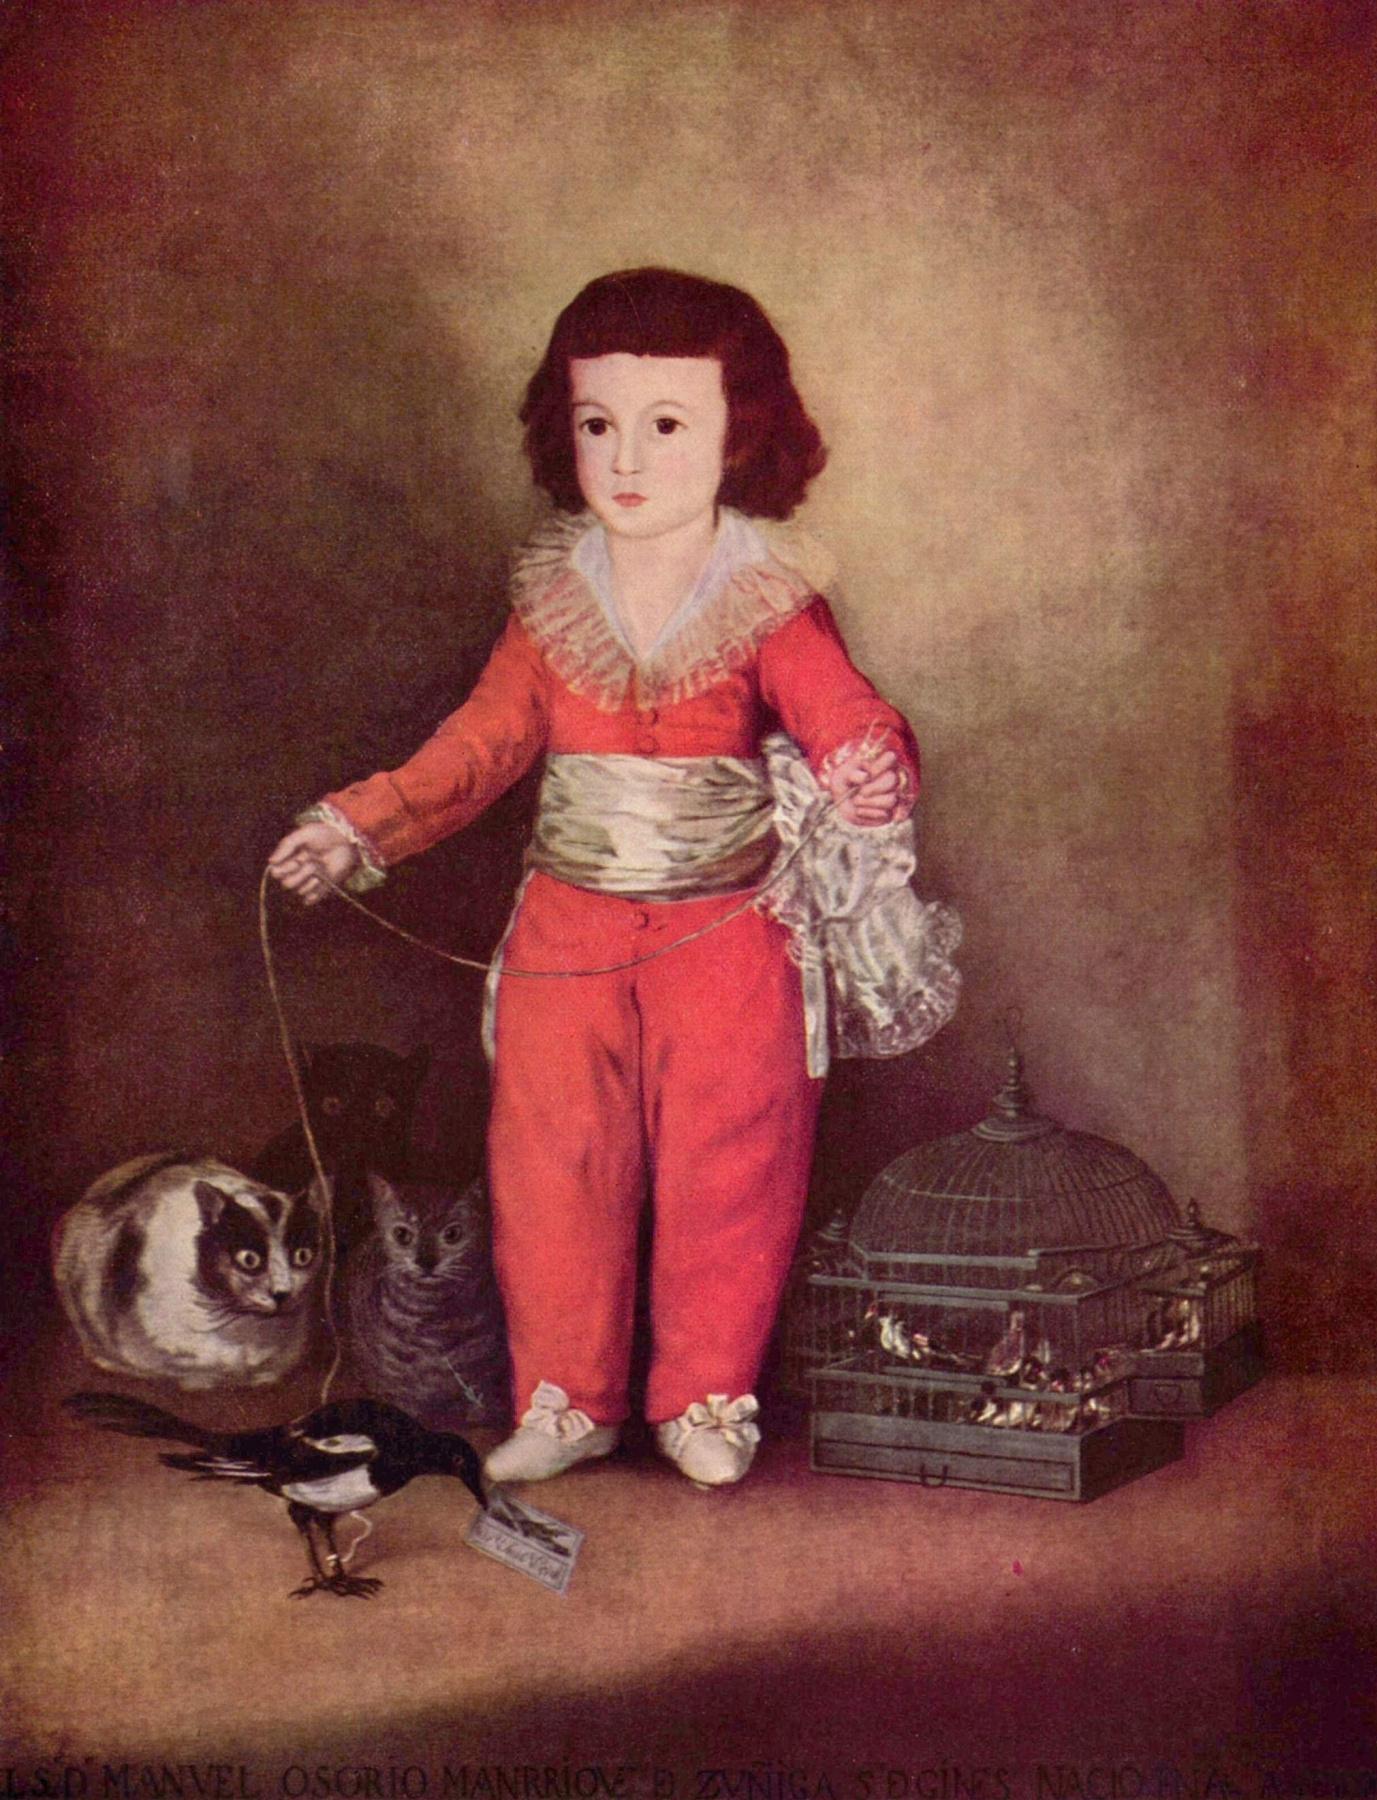 Гойя и семья Альтамира: эпохальная встреча в музее Метрополитен